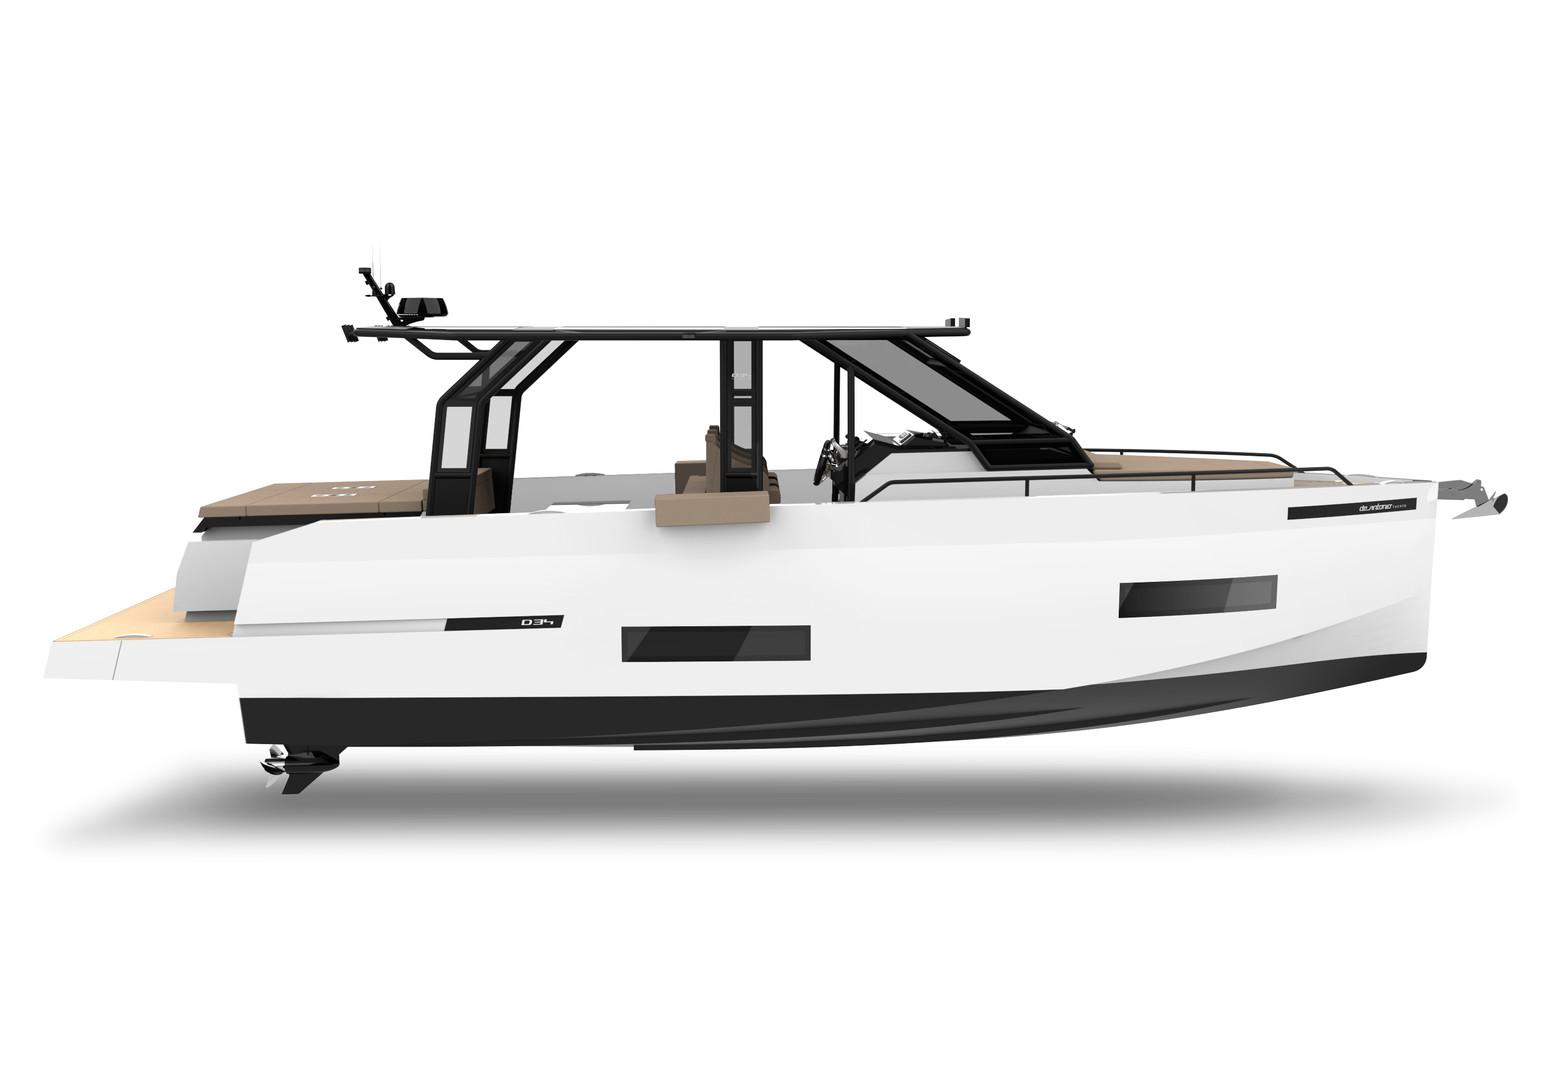 De Antonio Yachts_D34 Xplorer-C_Side vie